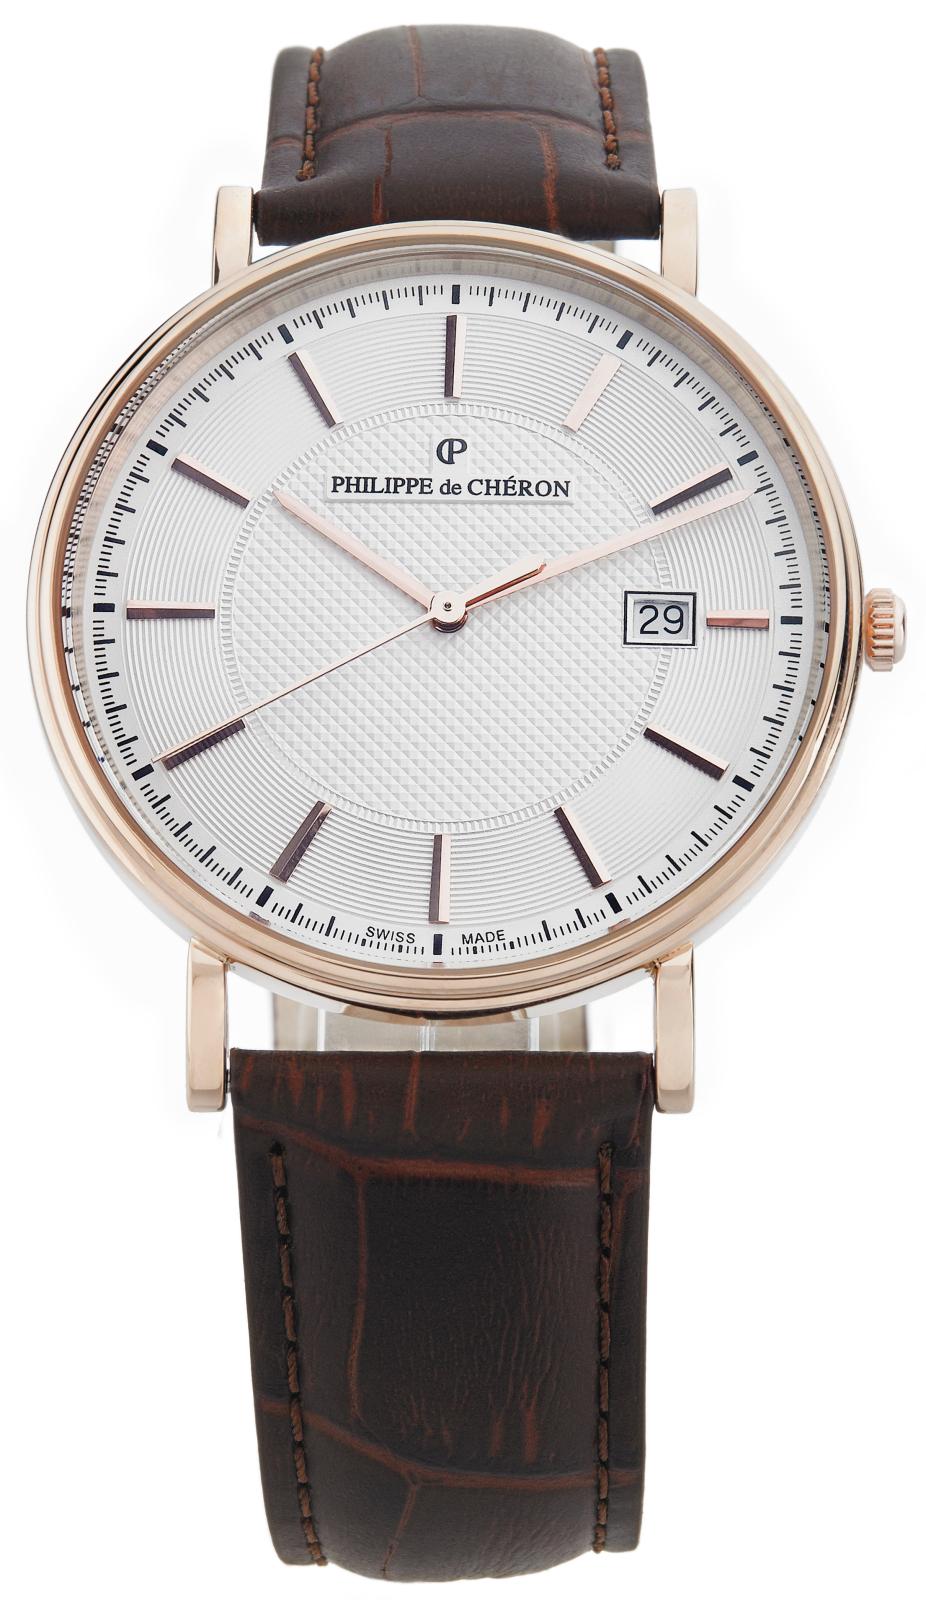 Philippe de Cheron Crusader 1004.1262NНаручные часы<br>Швейцарские часы Philippe de Cheron Crusader 1004.1262N<br><br>Для кого?: Мужские<br>Страна-производитель: Швейцария<br>Механизм: Кварцевый<br>Материал корпуса: Золото 14К<br>Материал ремня/браслета: Кожа<br>Водозащита, диапазон: 20 - 100 м<br>Стекло: Сапфировое<br>Толщина корпуса: 5.5 мм<br>Стиль: Классика